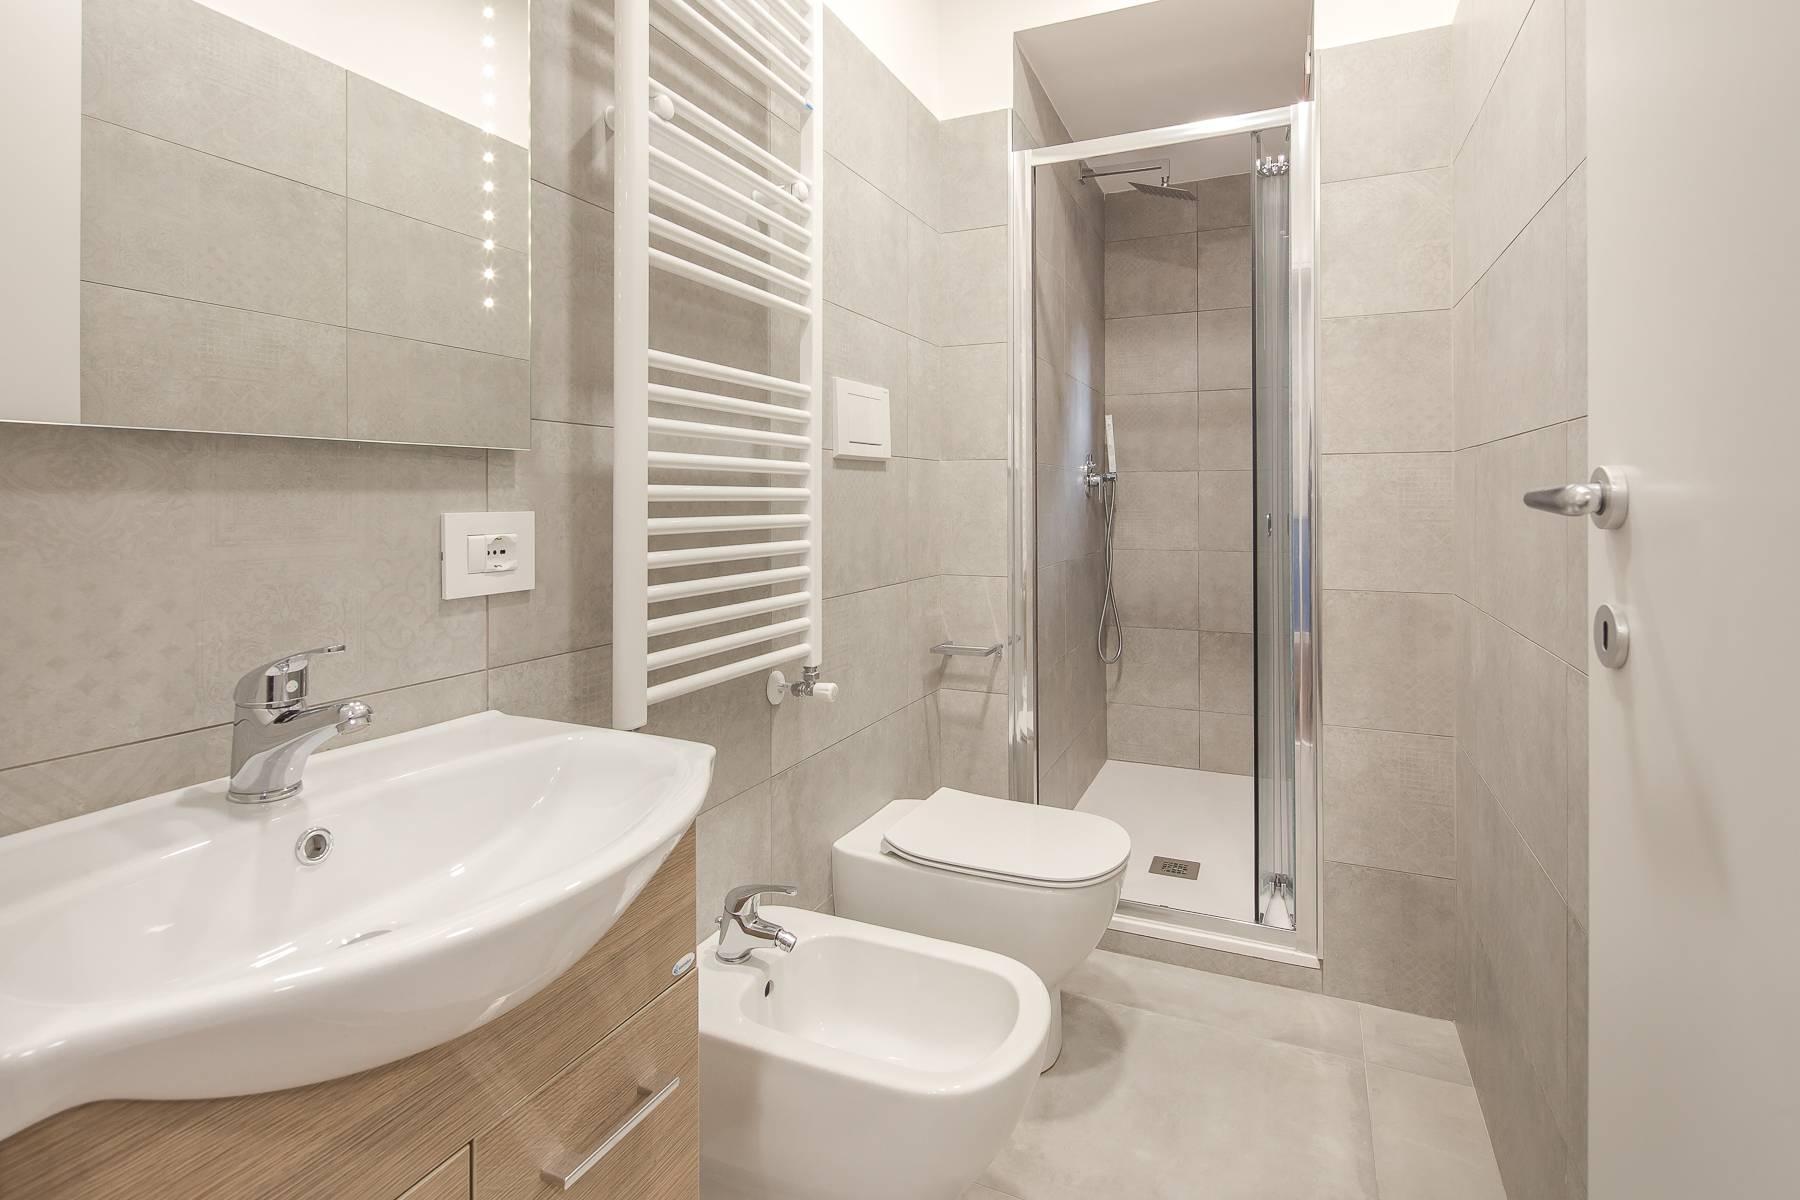 Elegante renovierte Zwei-Zimmer-Wohnung in Brera - 10